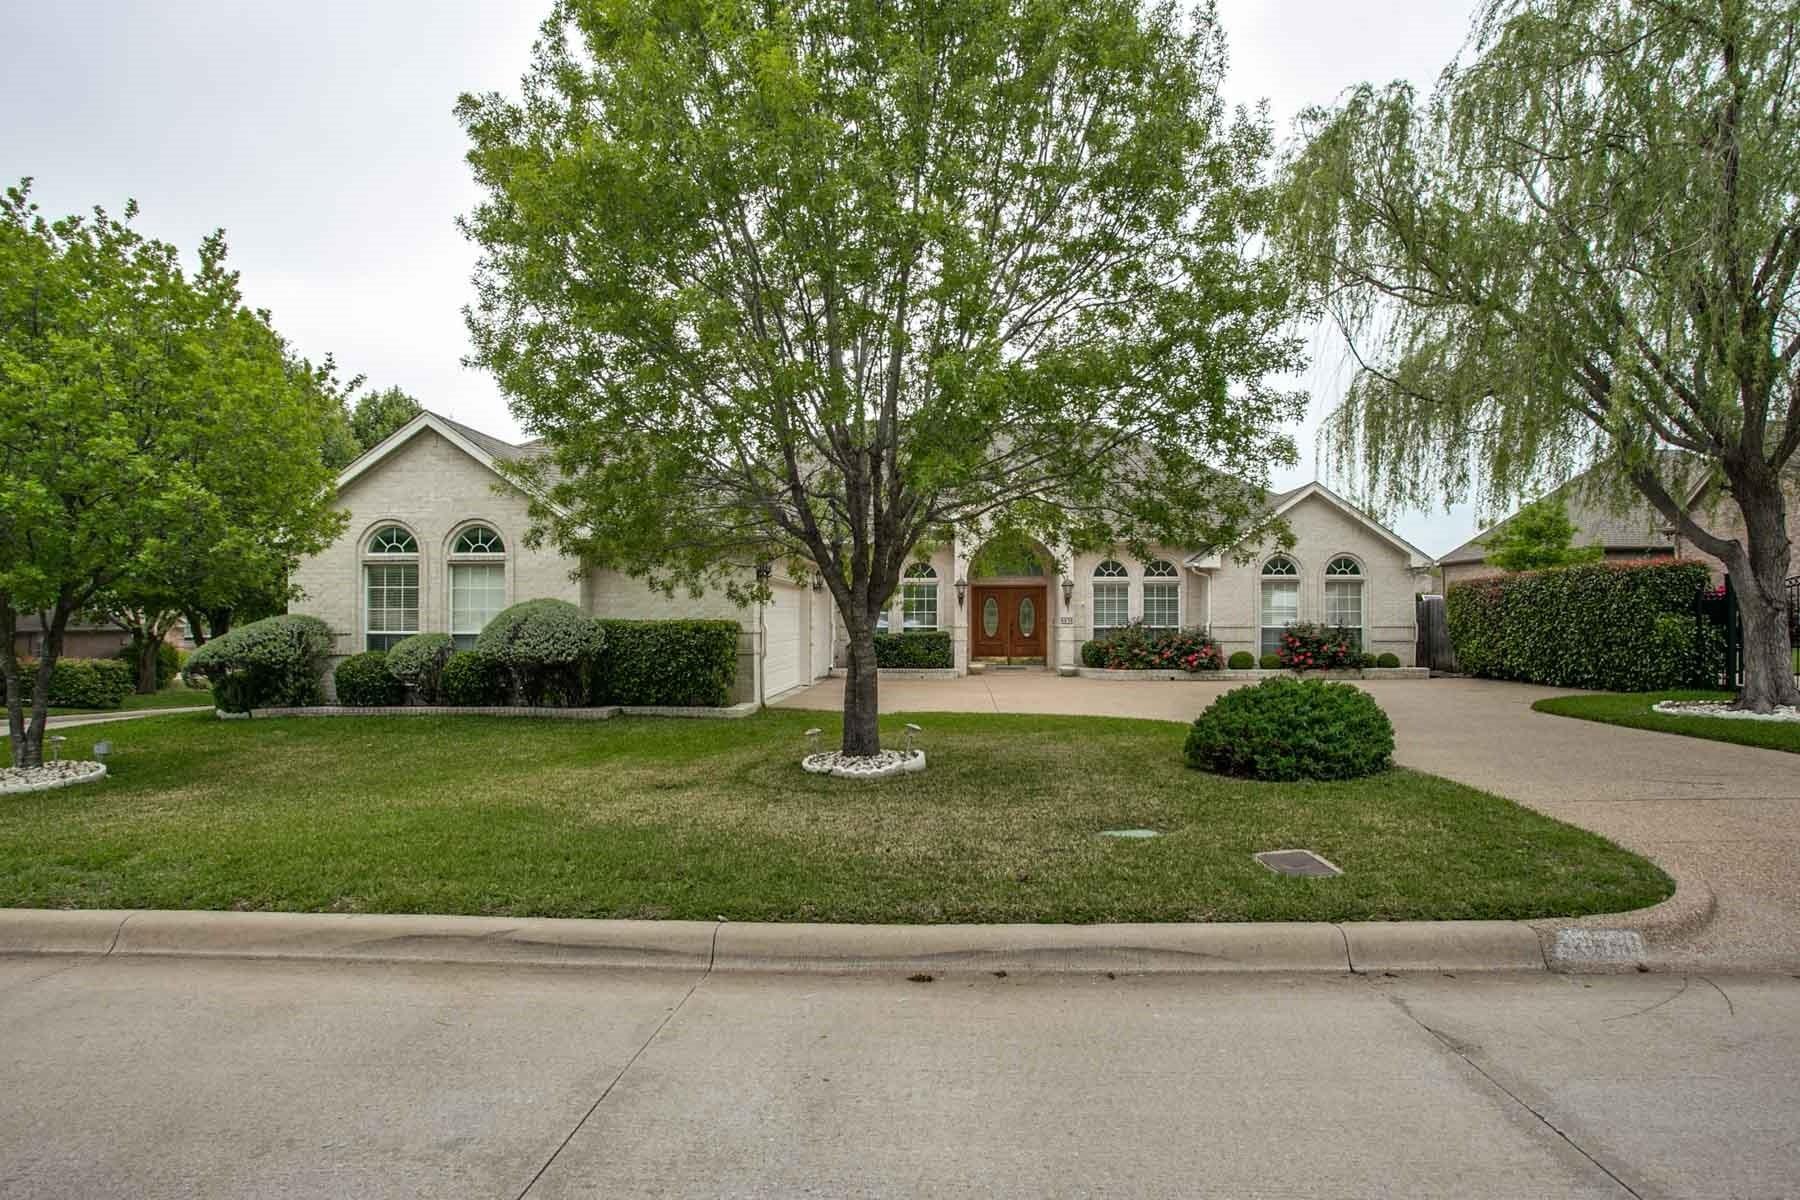 一戸建て のために 売買 アット Immaculately Maintained One-Story Home 6936 Vista Ridge Ct Fort Worth, テキサス, 76132 アメリカ合衆国